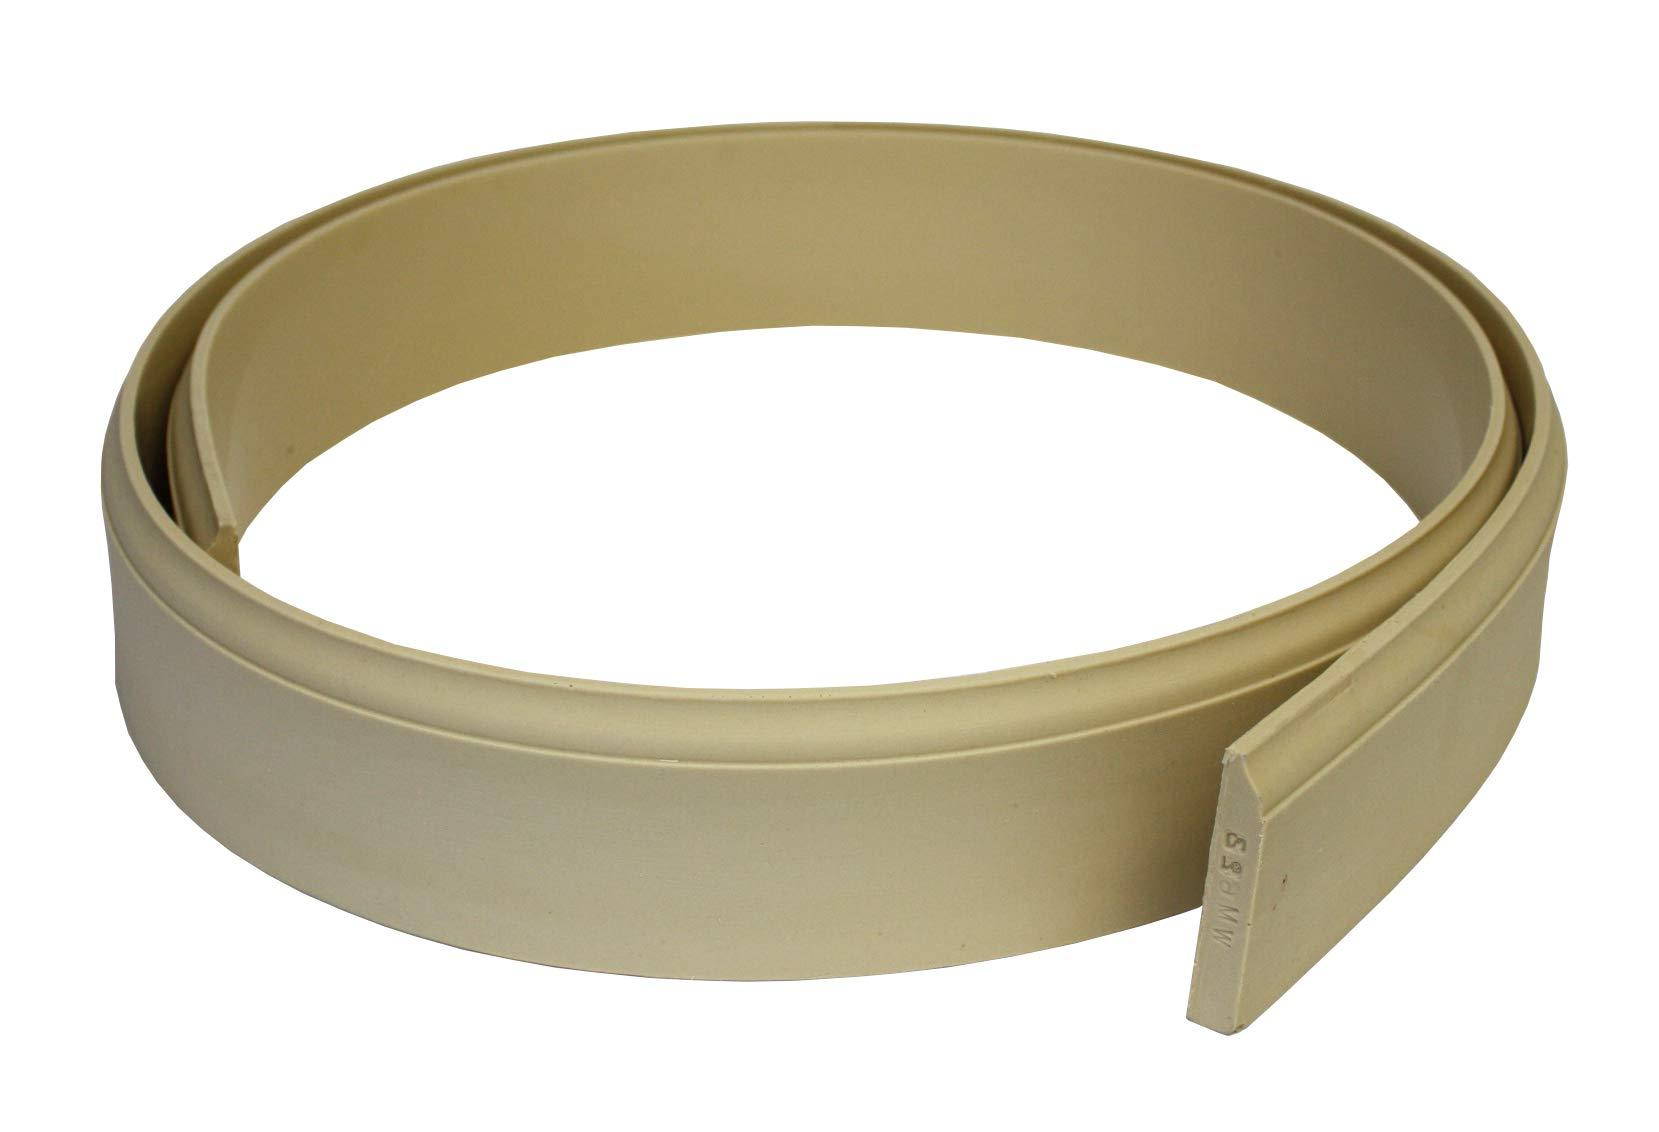 Flexible Moulding - Flexible Base Moulding - WM623 - 9/16'' X 3-1/4'' - 8' Length - Flexible Trim by Duraflex by Resinart